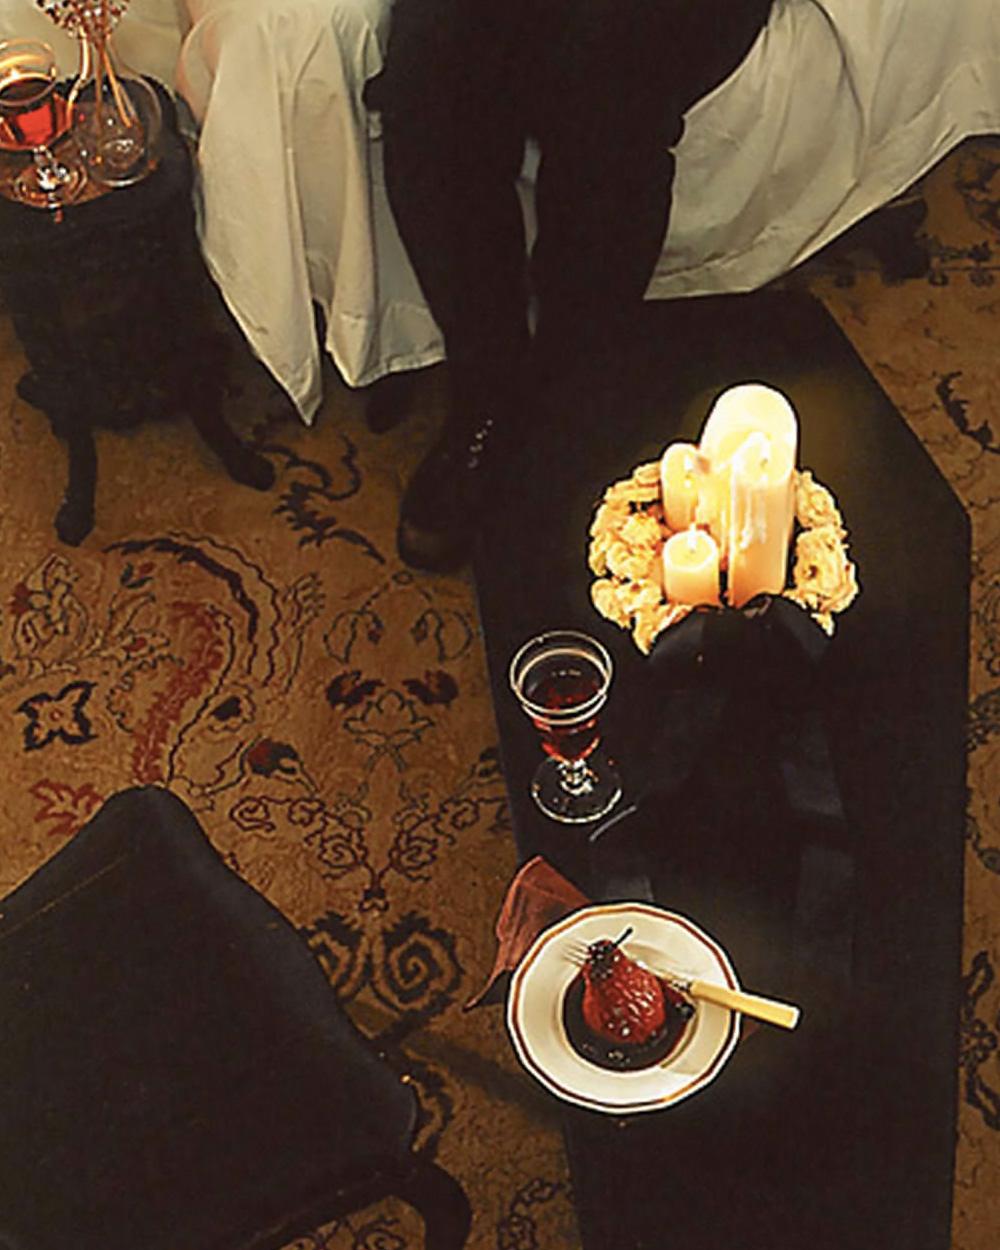 table cercueil diy halloween